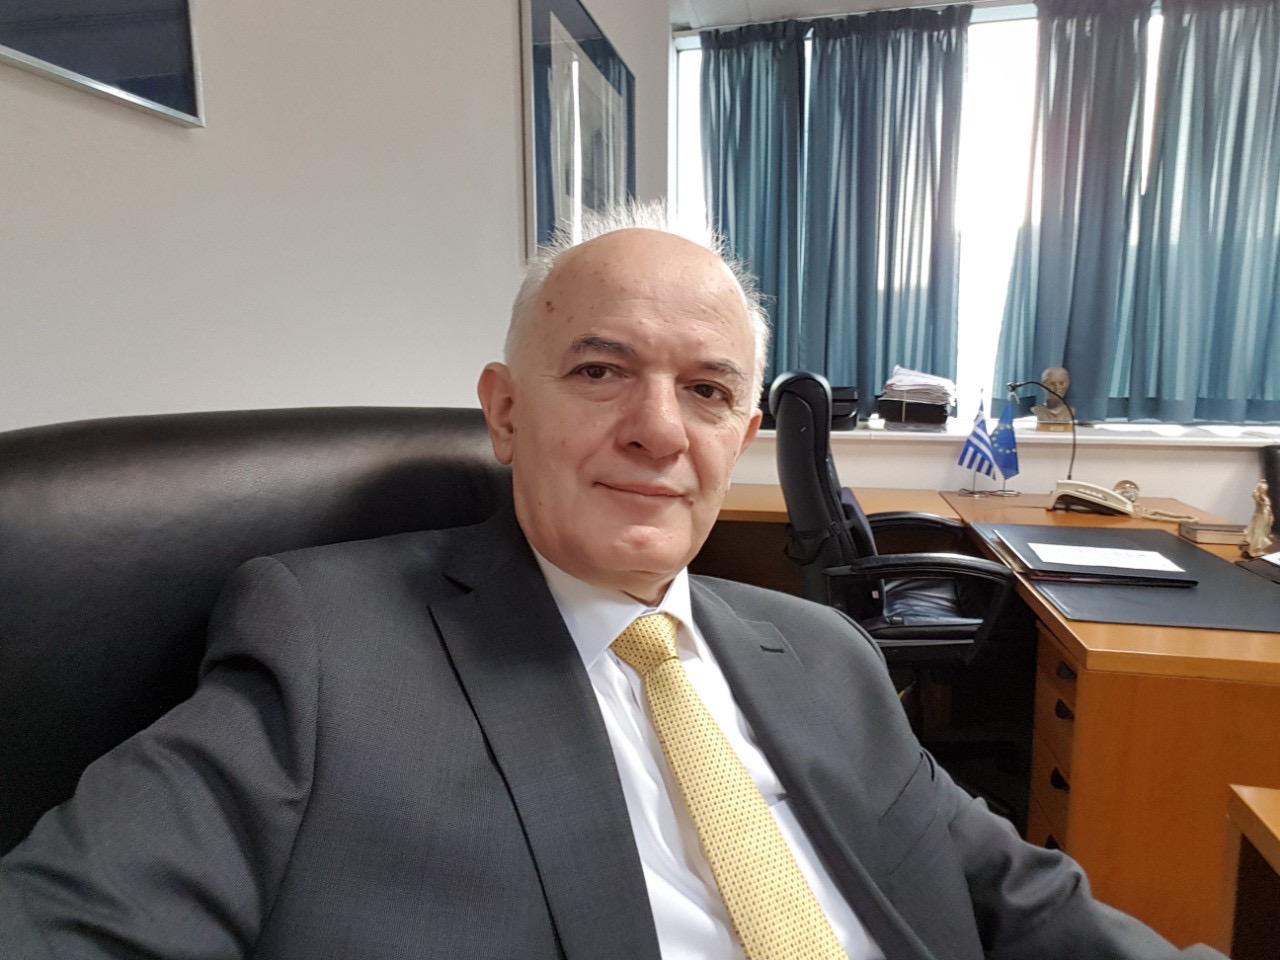 Εισαγγελέας Παναγιώτης Παναγιωτόπουλος: Άσμα ηρωικό και πένθιμο για τους ήρωες δικαστές και εισαγγελείς